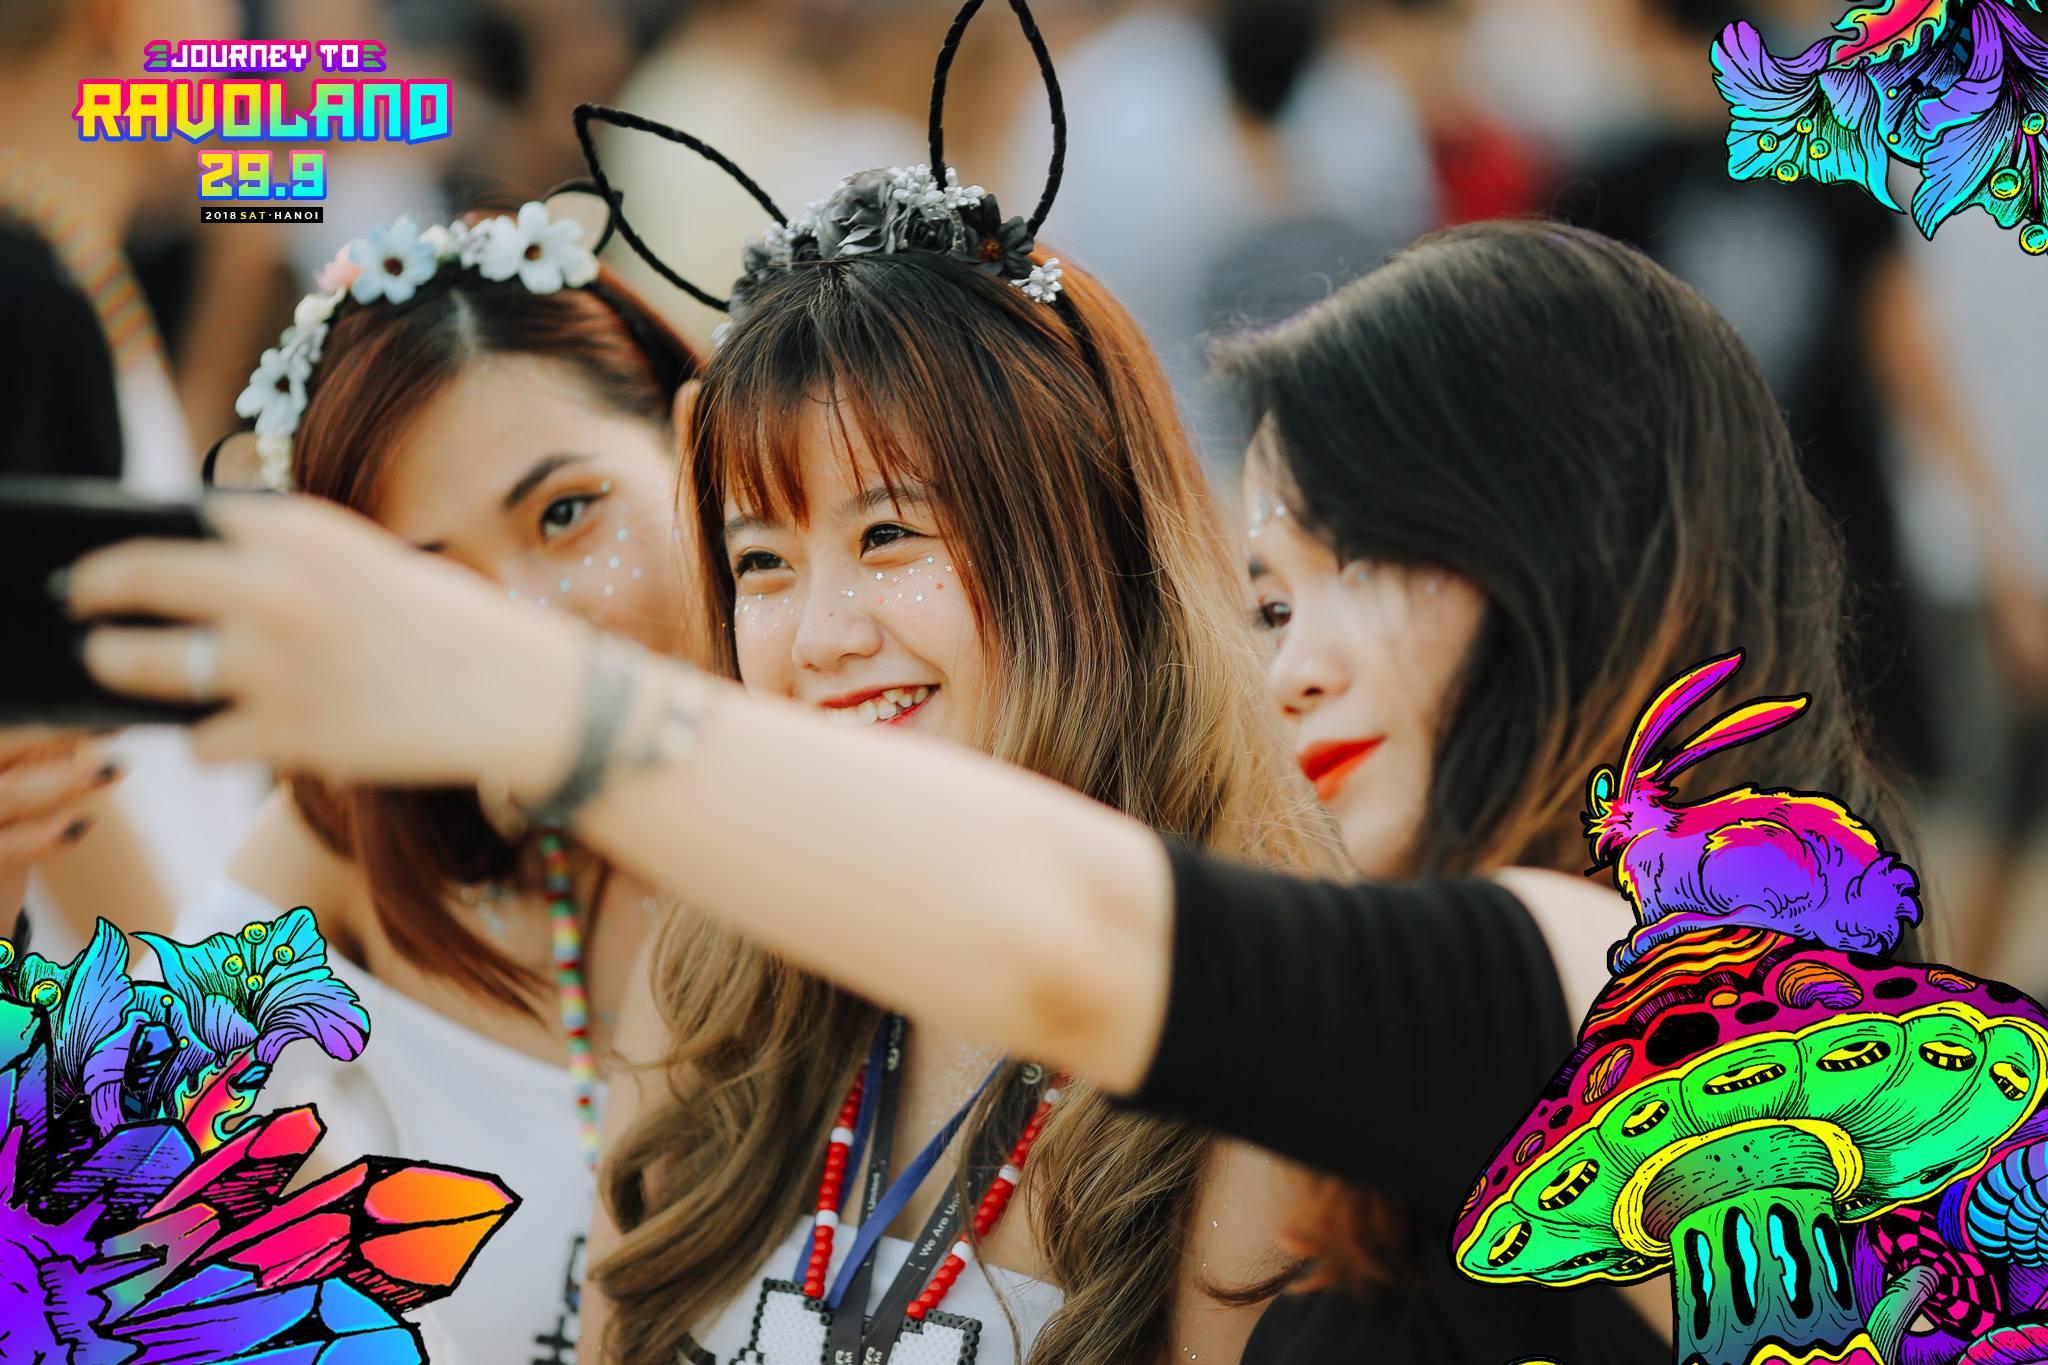 Kotex truyền cảm hứng tới các ravers nữ trong chuỗi sự kiện Road To Ravolution tại 2 thành phố lớn - Ảnh 3.